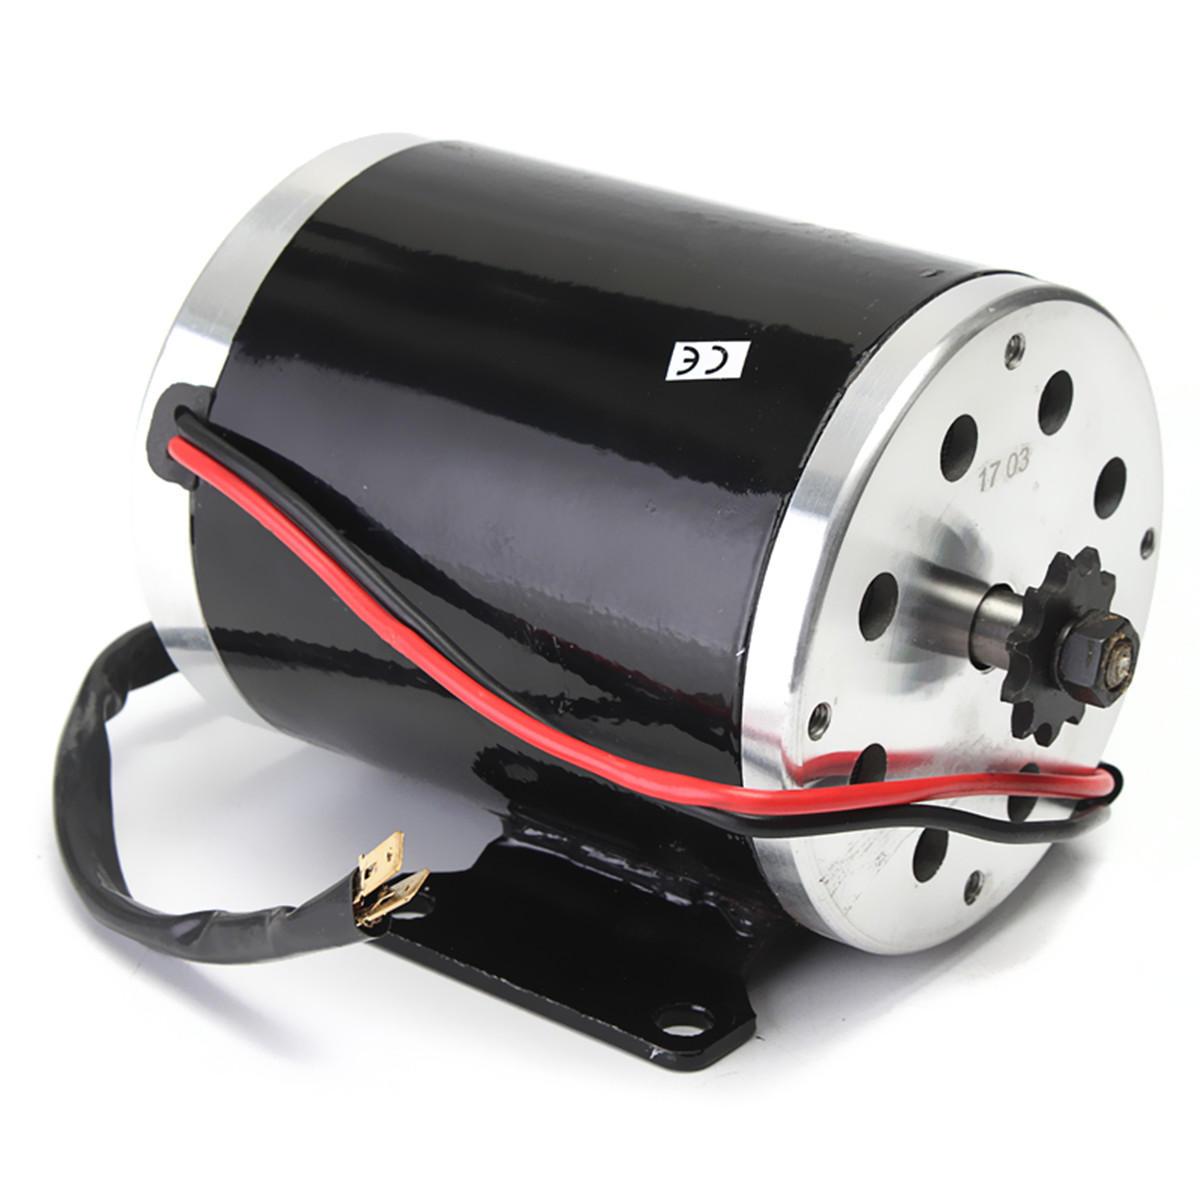 24V 500W 28.5A Electric Brushed Motor 2500Rpm w/ bracket For Scooter E-Bike Mini Bike Go Kart